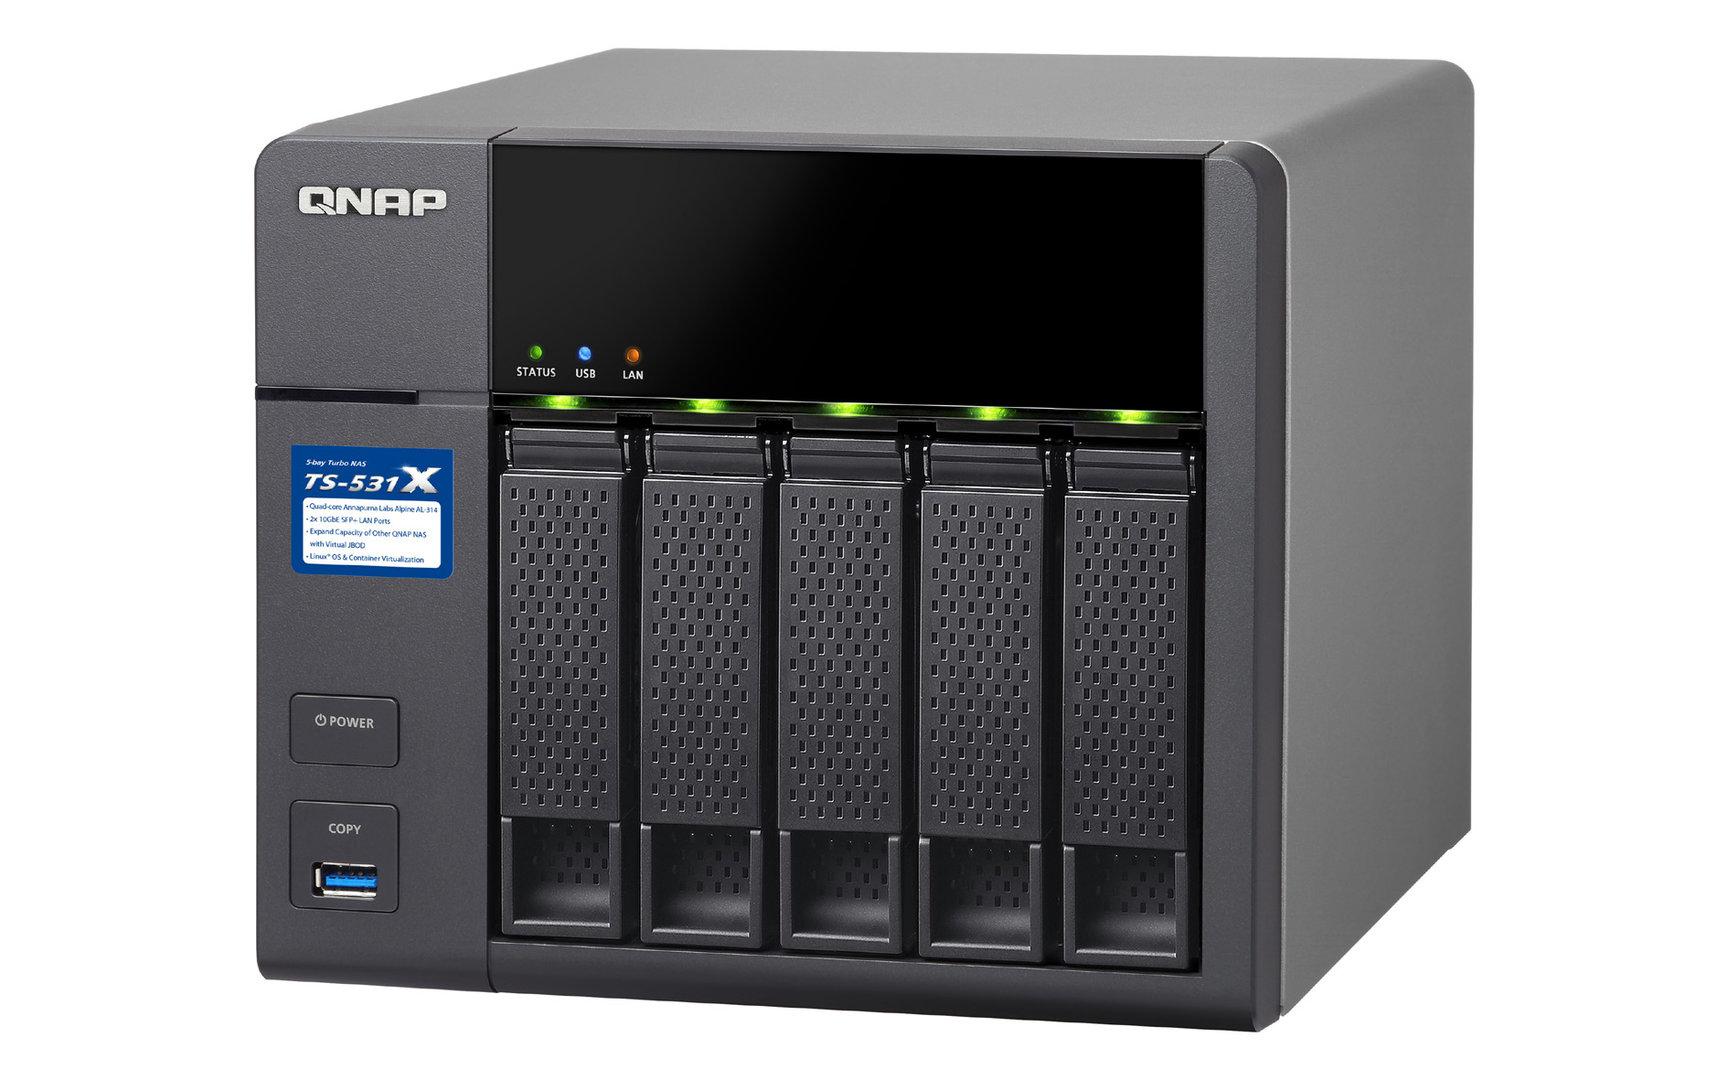 QNAP TS-531X